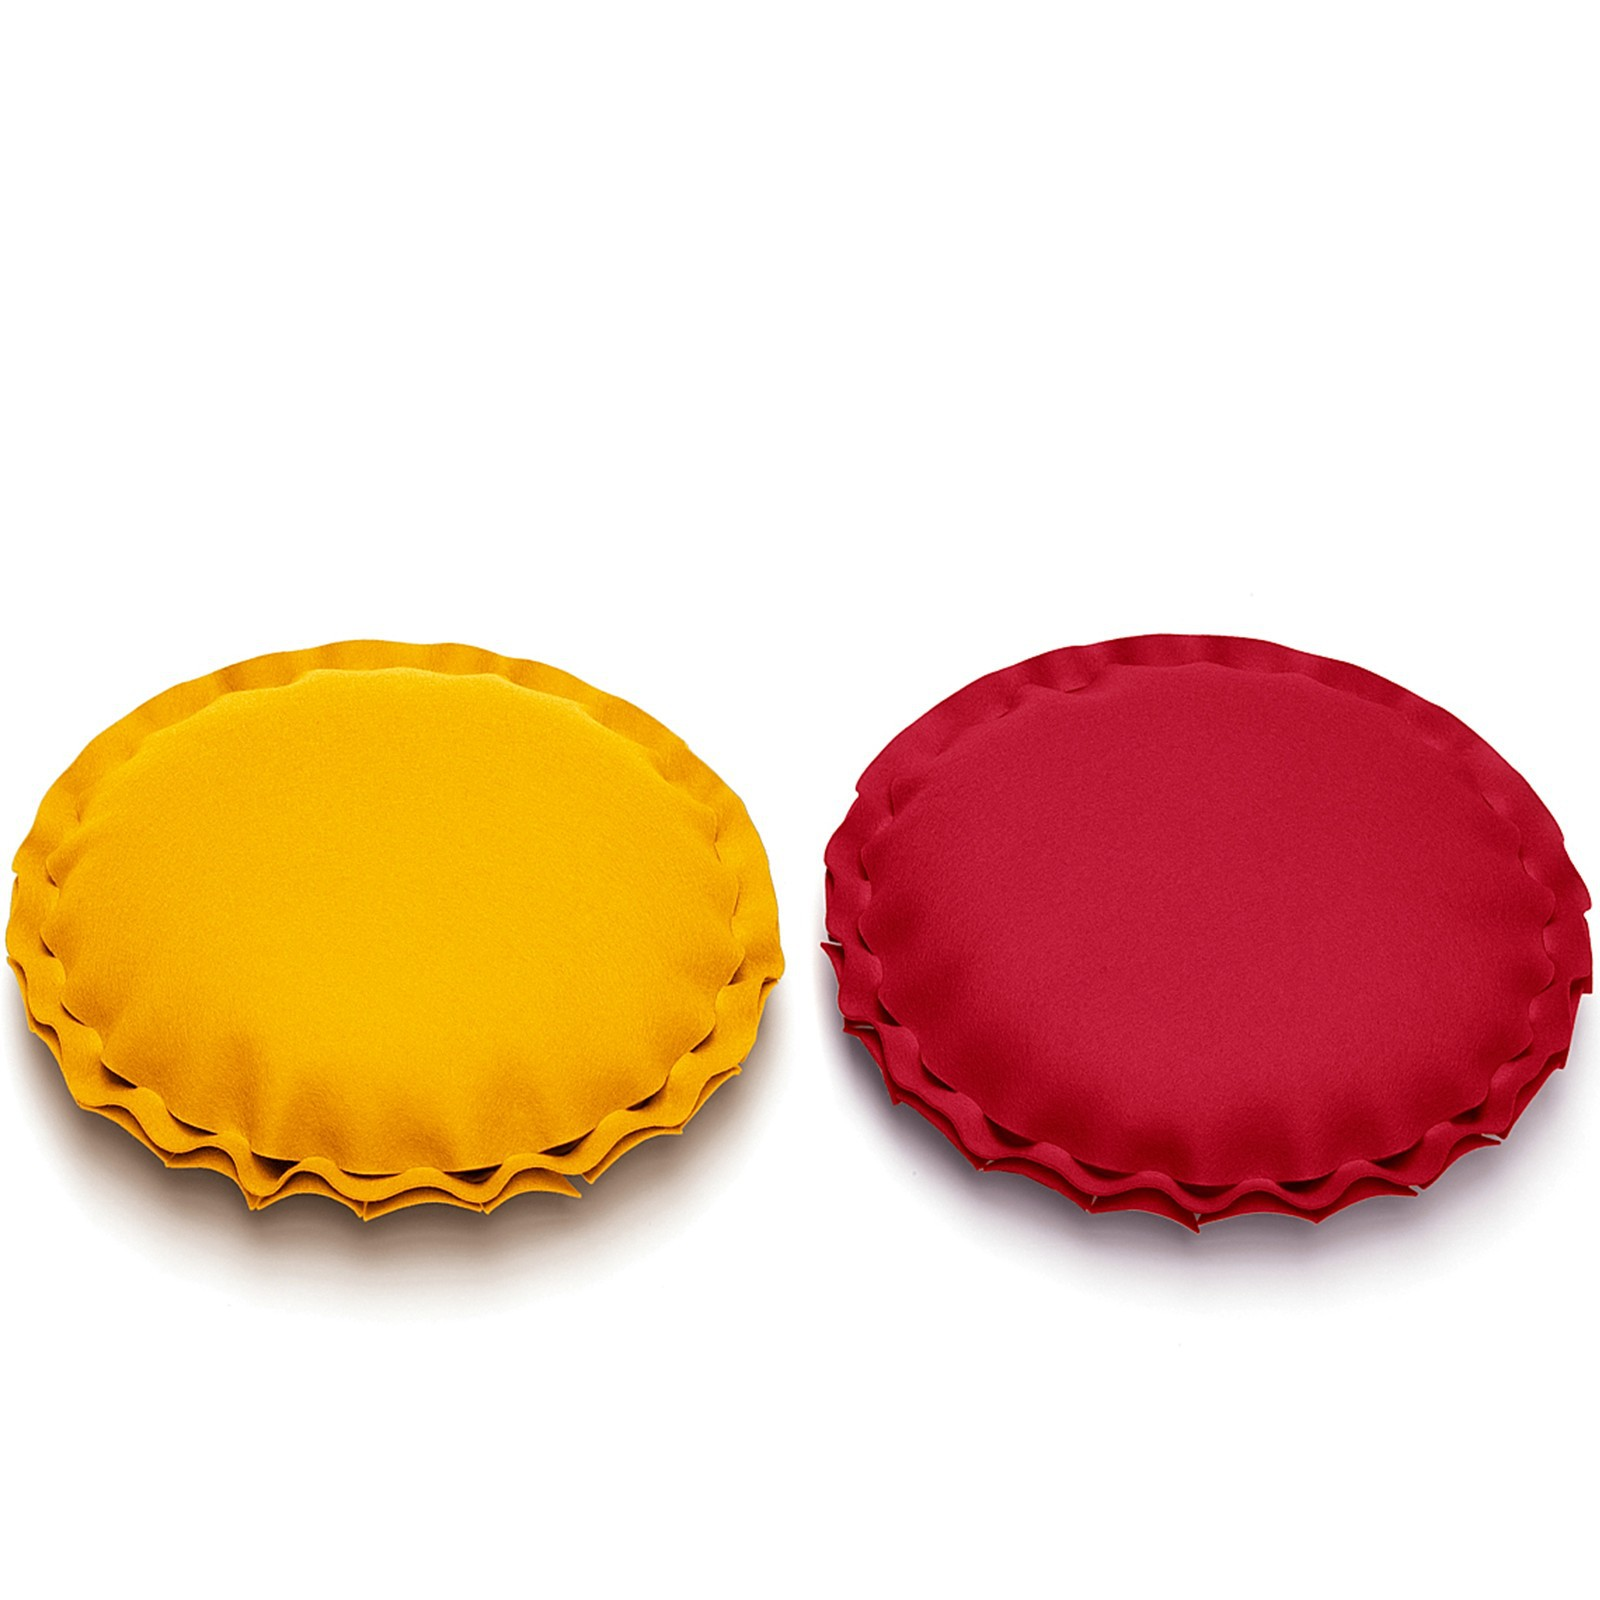 dekokissen kissen rund filz viele farben hey sign pai. Black Bedroom Furniture Sets. Home Design Ideas